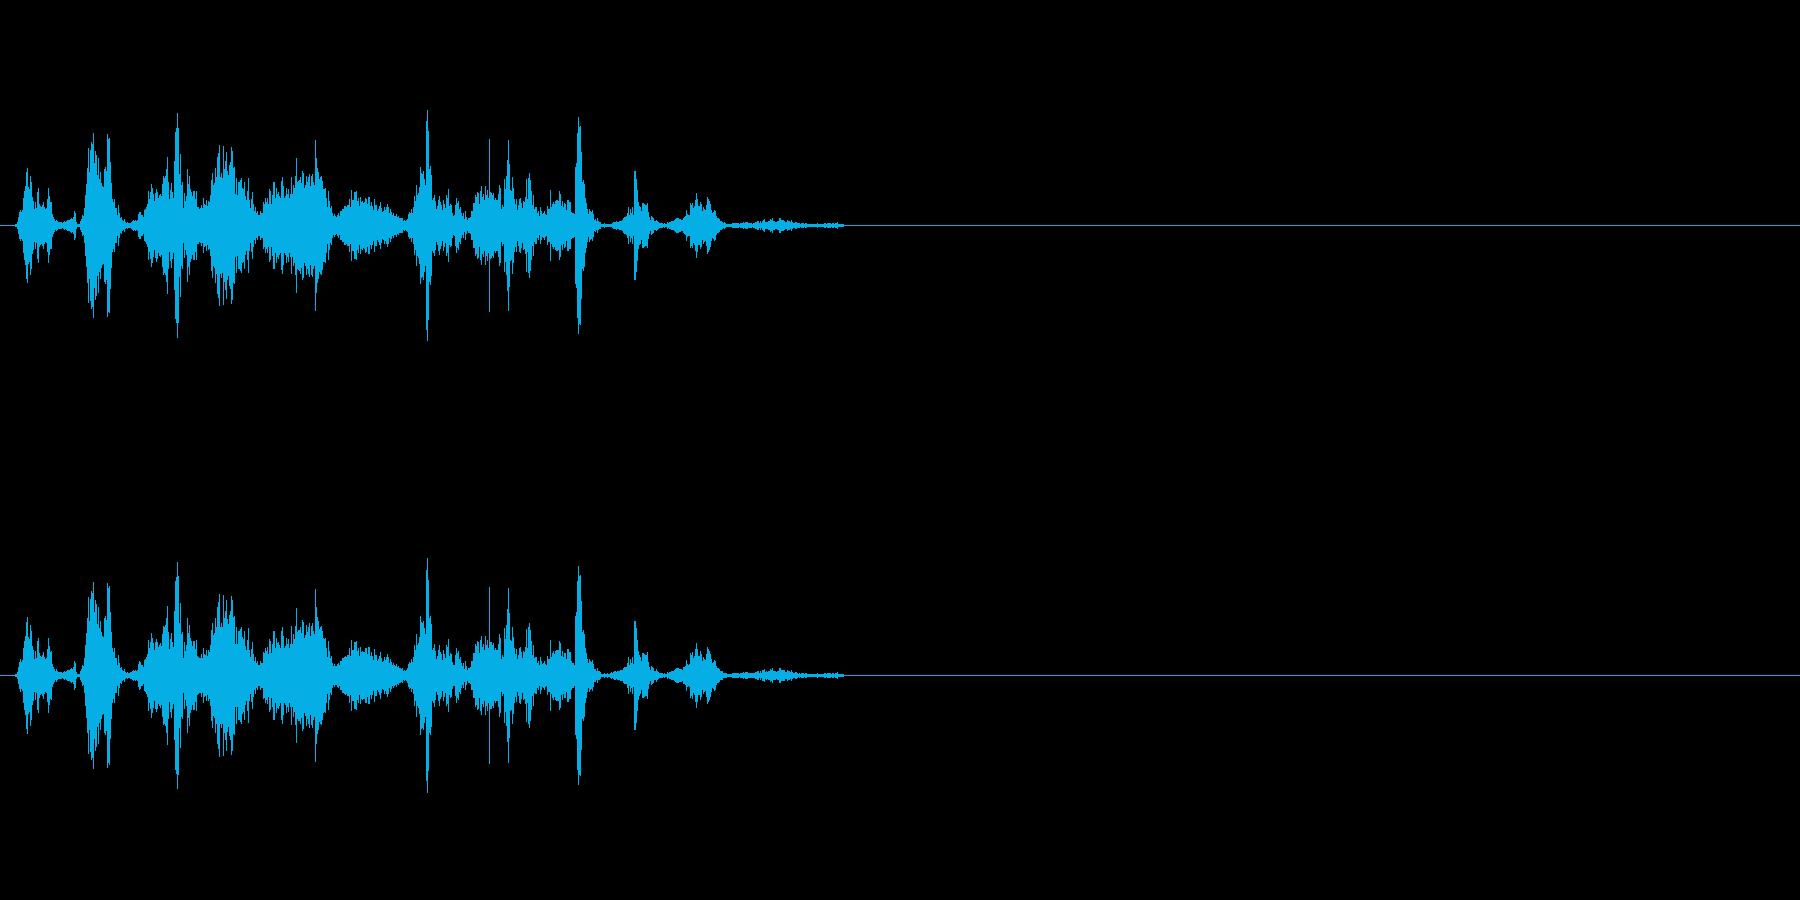 コミカルな小動物の鳴き声の再生済みの波形